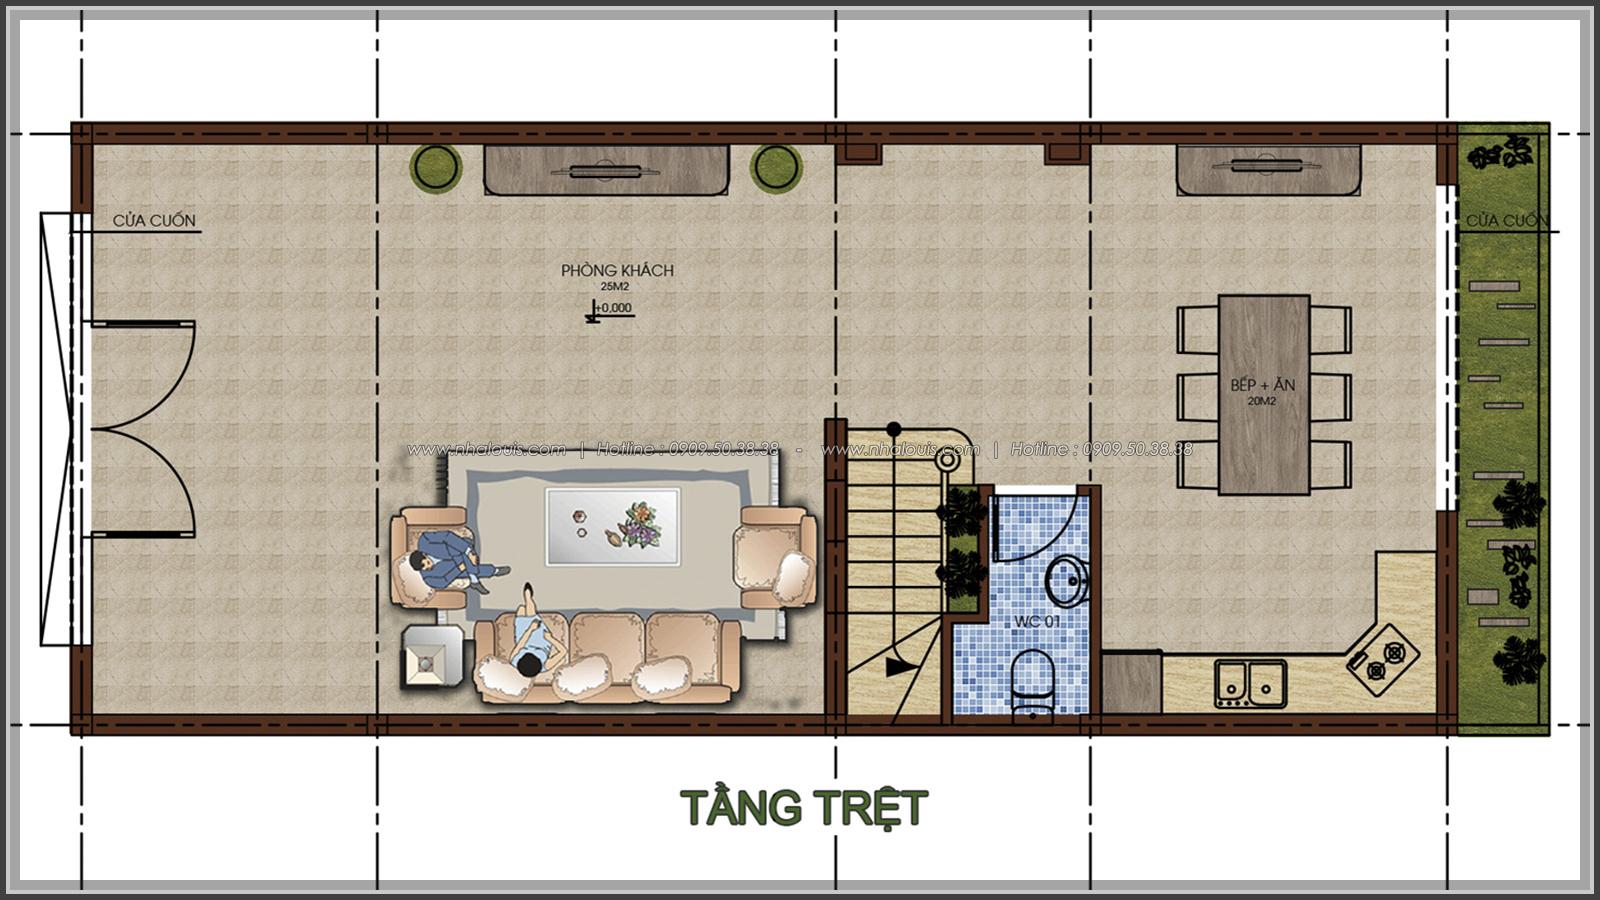 Thiết kế nhà phố kiểu Pháp với mặt tiền 6m hoành tráng tại Bình Tân - 3